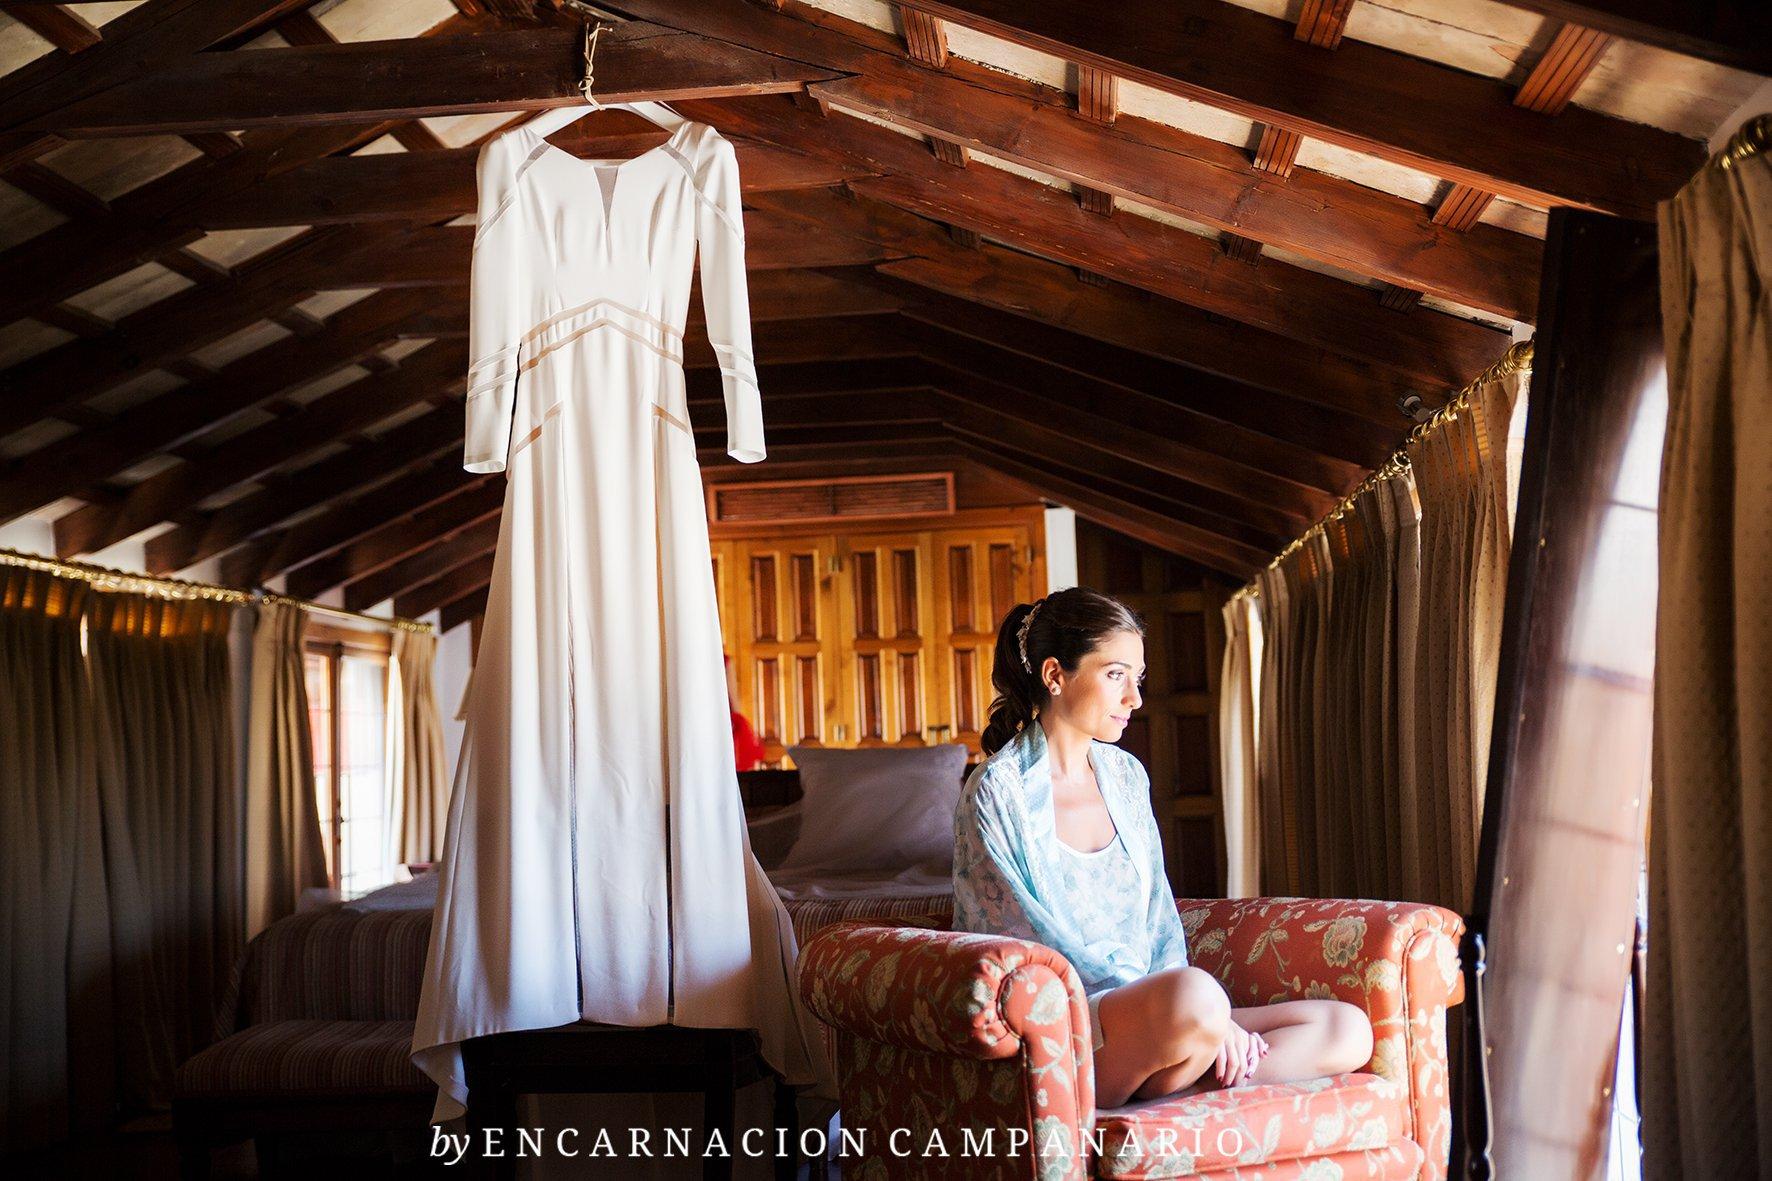 La boda de Ana y Carlos-6818-misscavallier